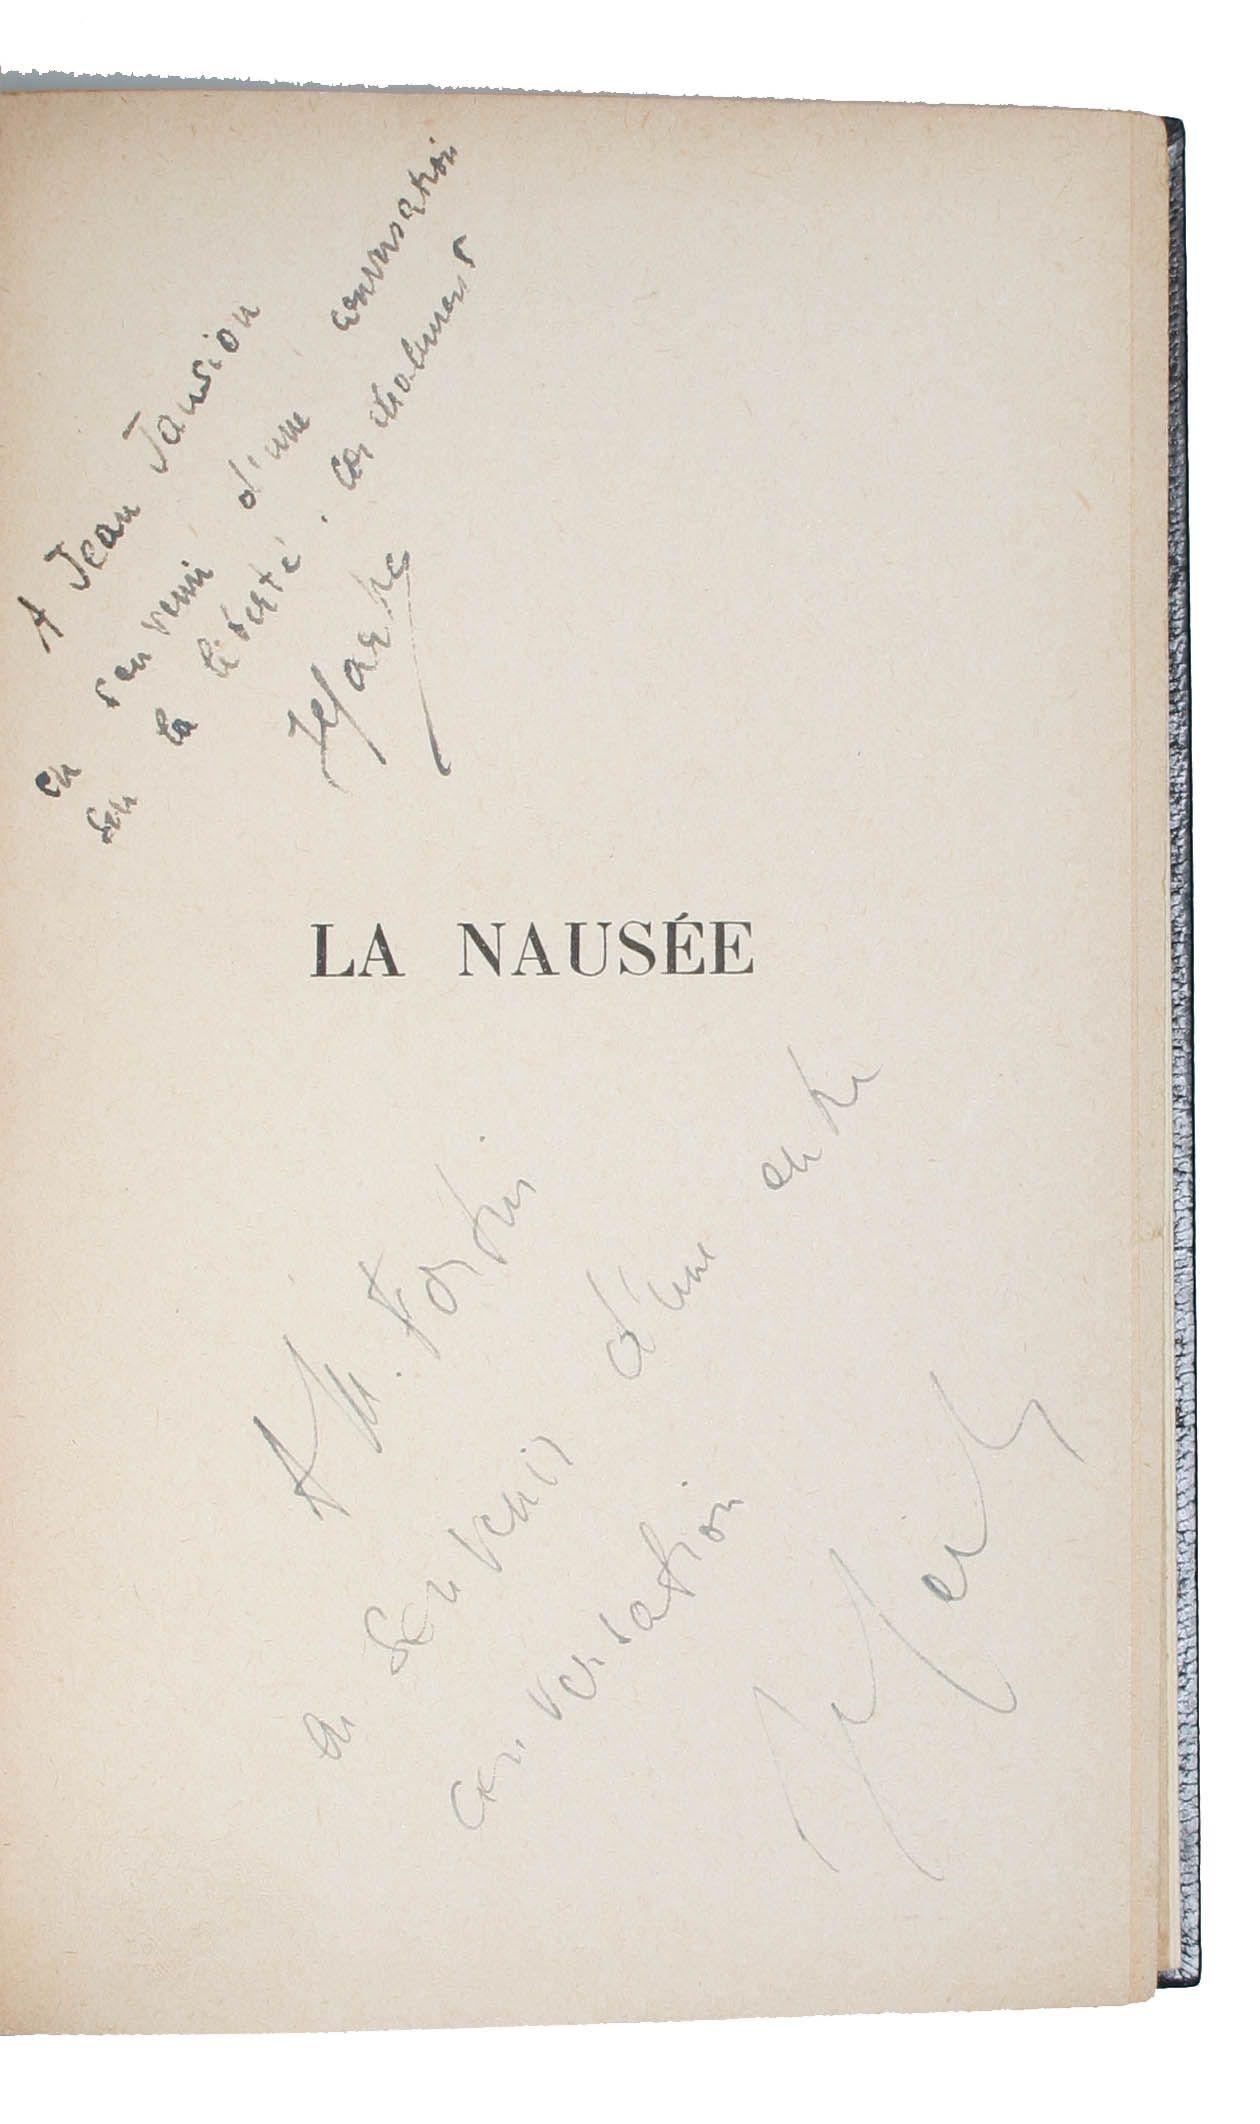 """'La Nausée' 1938, Jean-Paul Sartre """"J'existe. Il est si doux, si doux, si lent. Et léger, comme si seulement maintenu dans l'air. Se déplace. Partout traits qui tombent et se fanent. Très doux, très doux"""""""